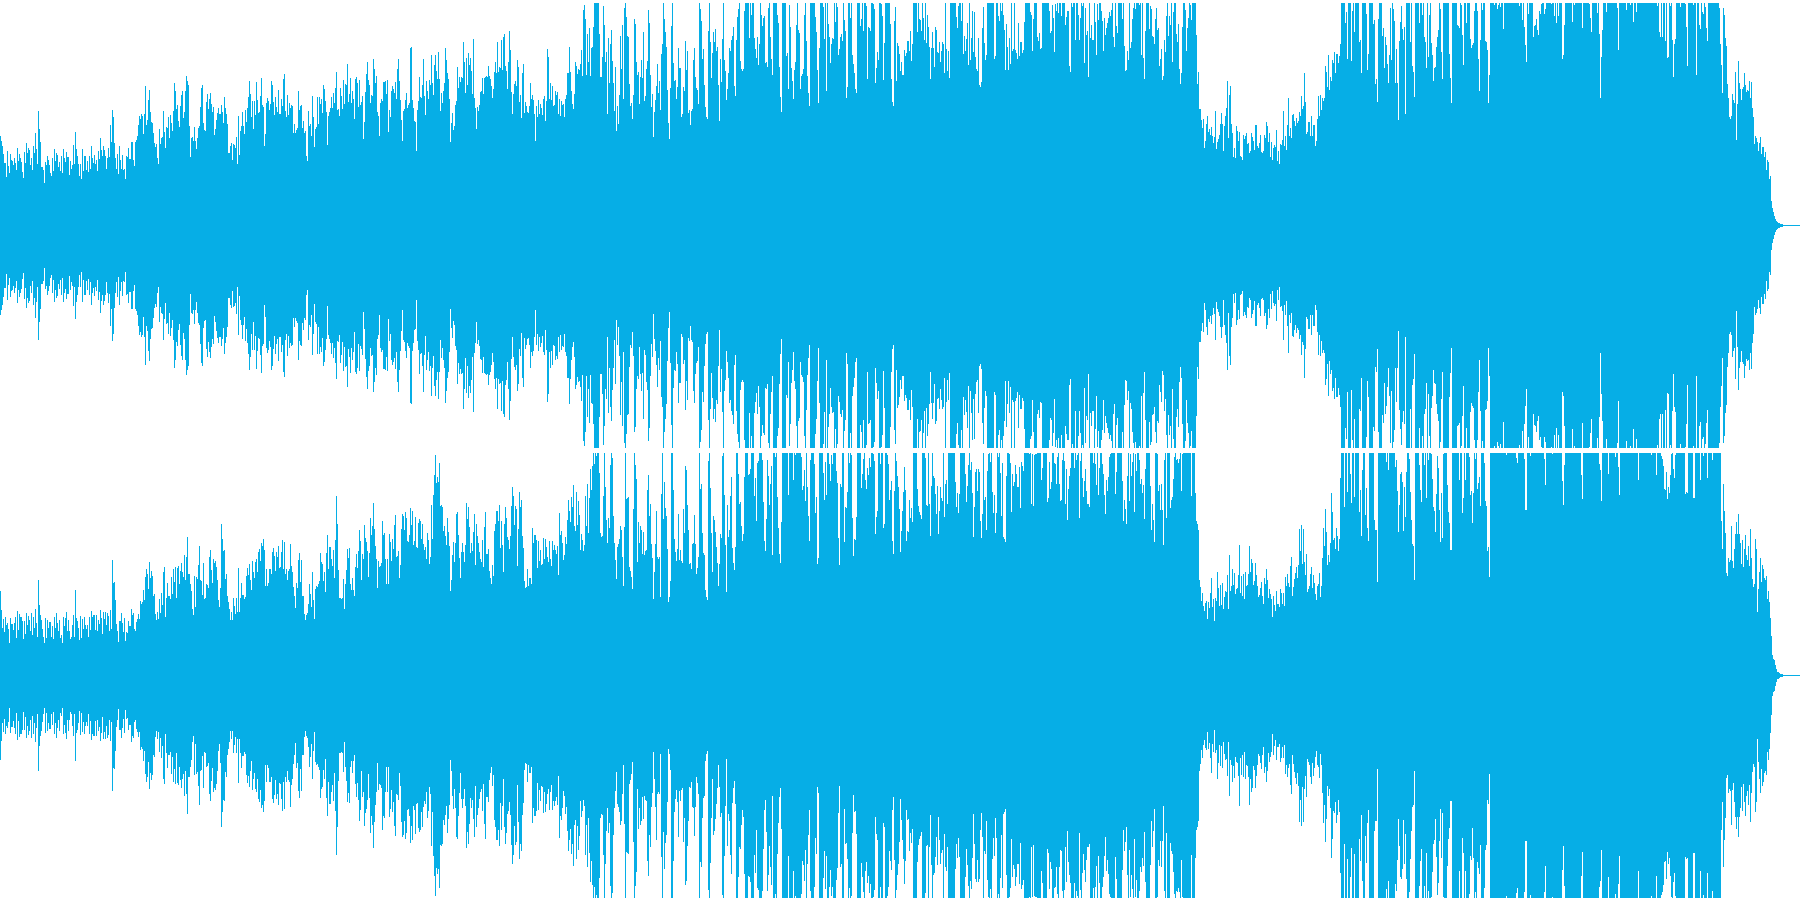 静かなピアノから壮大なオケ①全楽器フル版の再生済みの波形